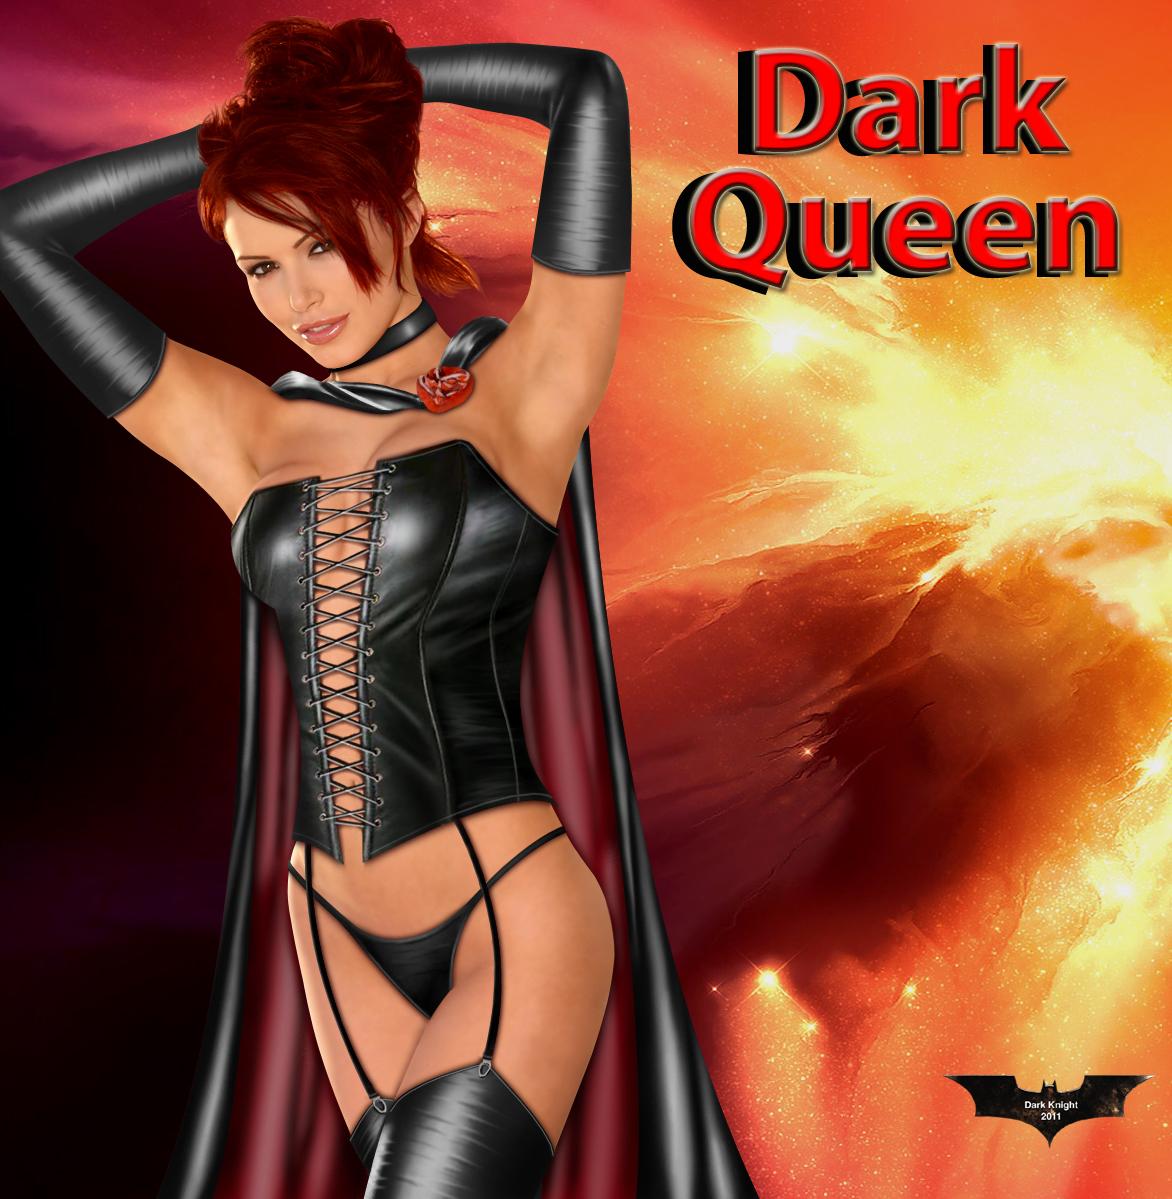 Dark Queen by Dark Knight